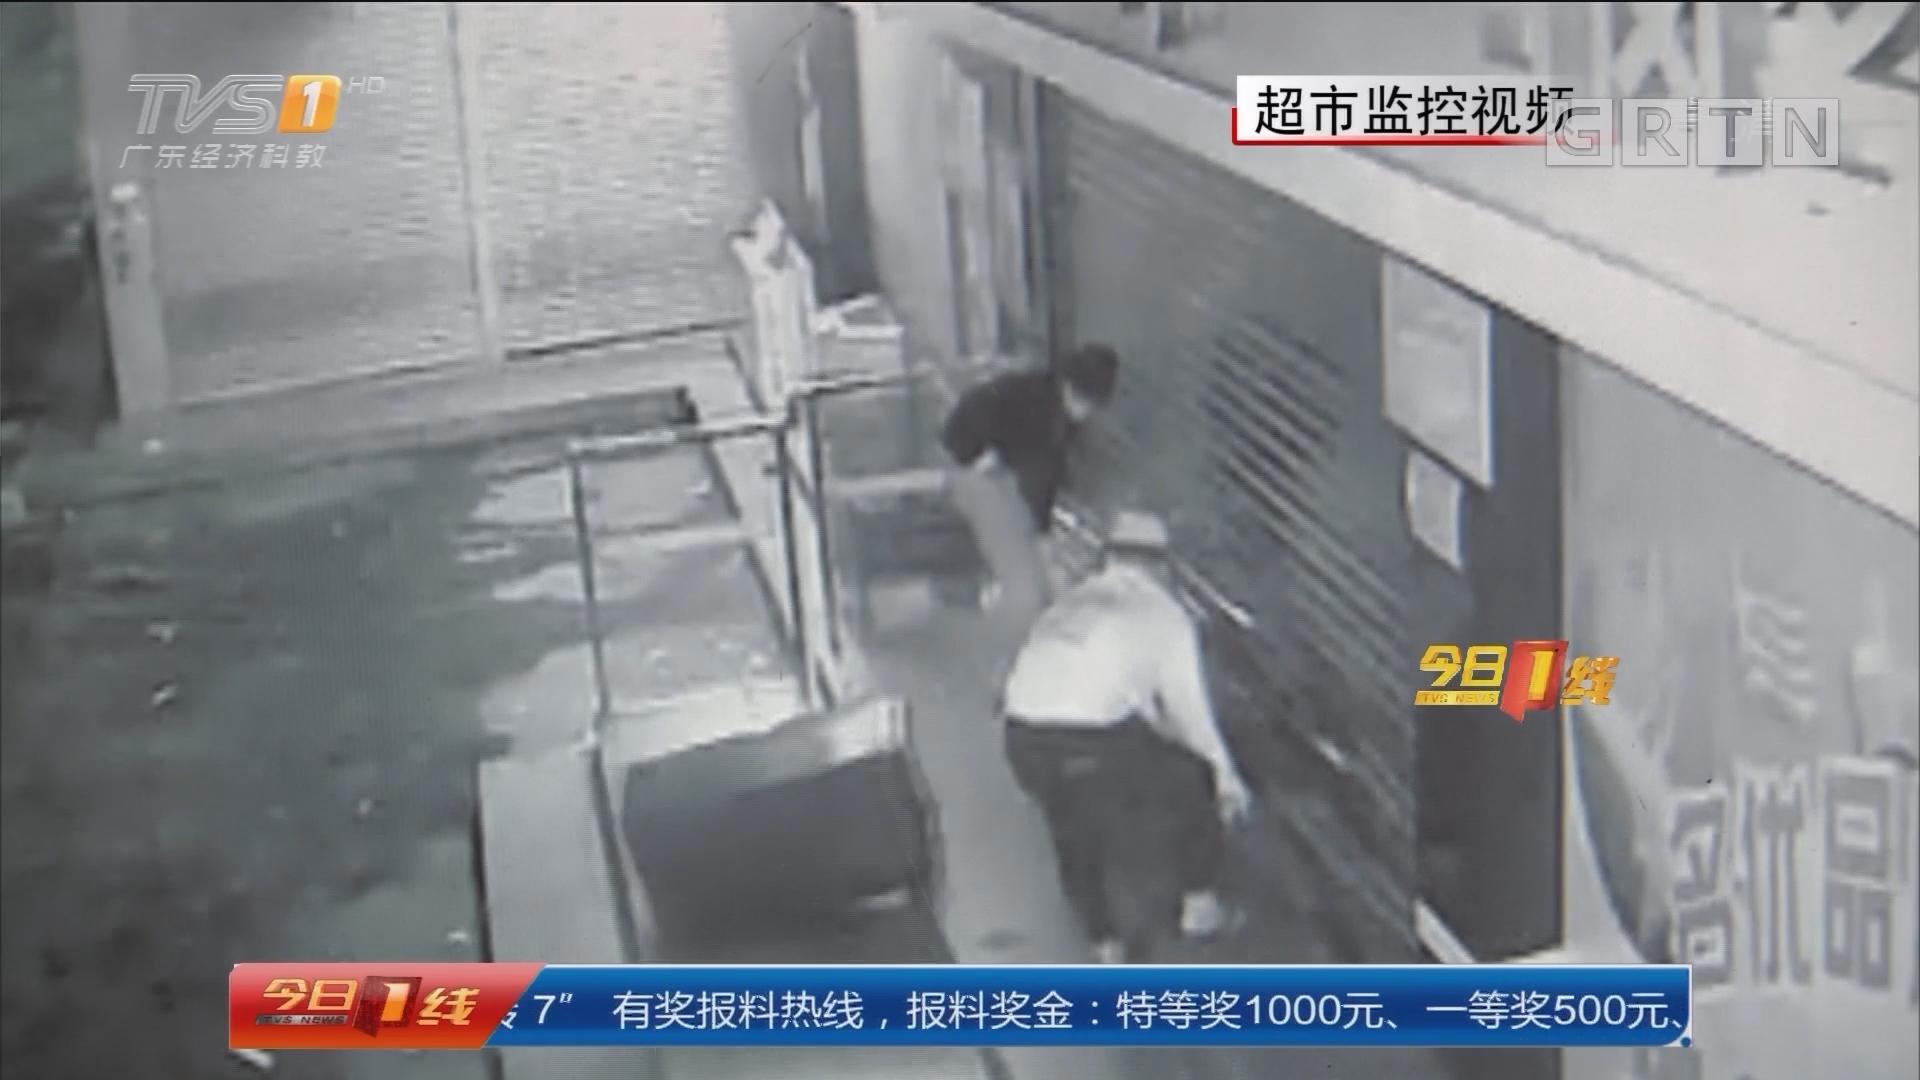 江门新会:三小贼偷保险柜 因太重竟遗弃路边